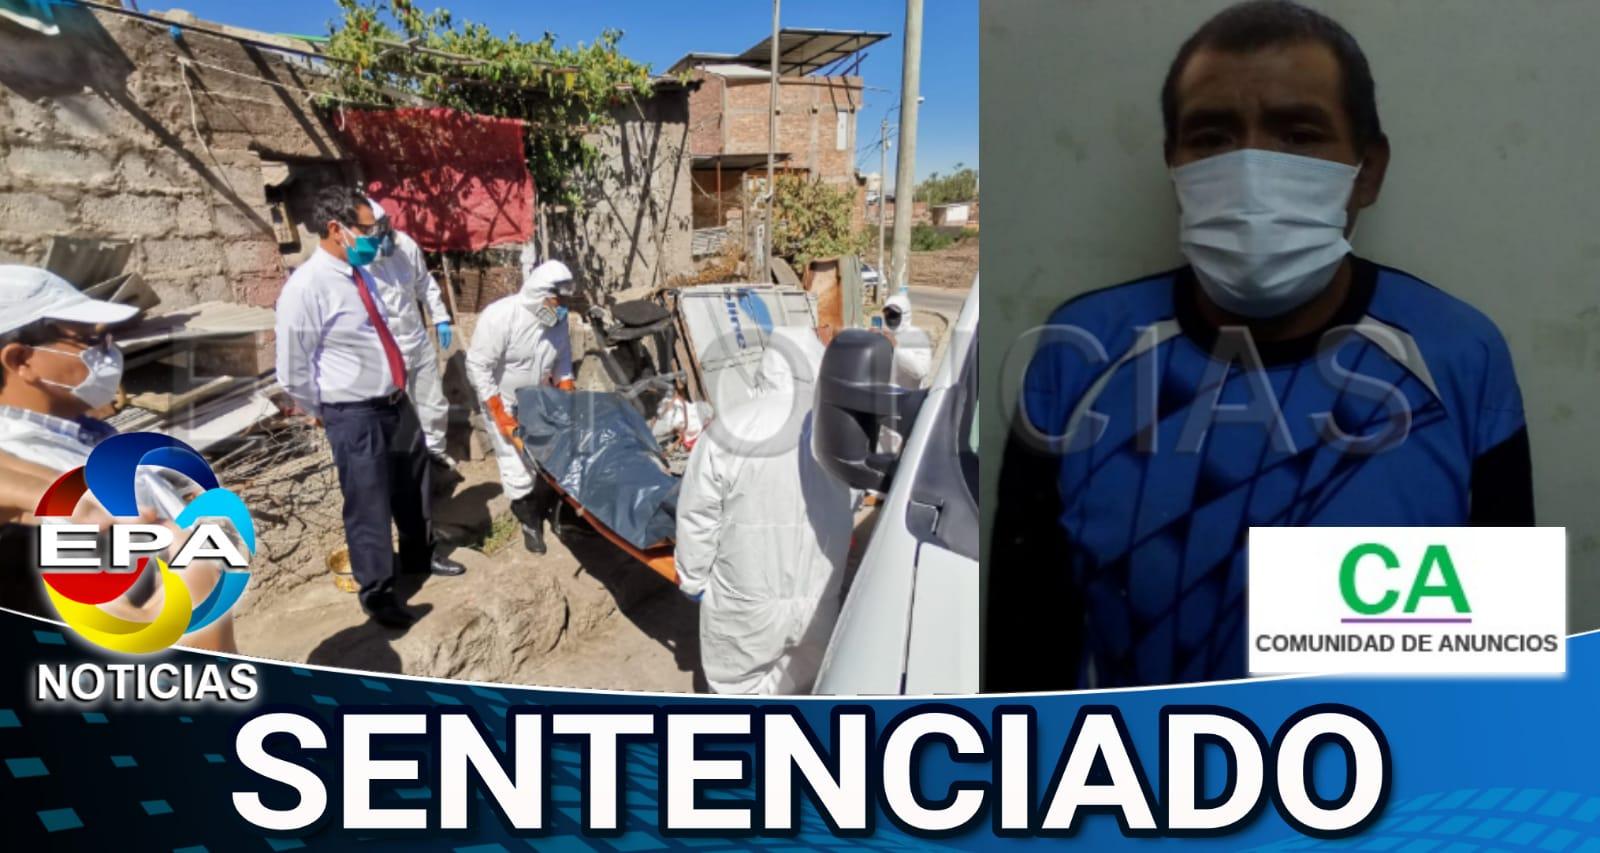 Arequipa. Hijo que agredió a hijo fue sentenciado a servicio comunitario